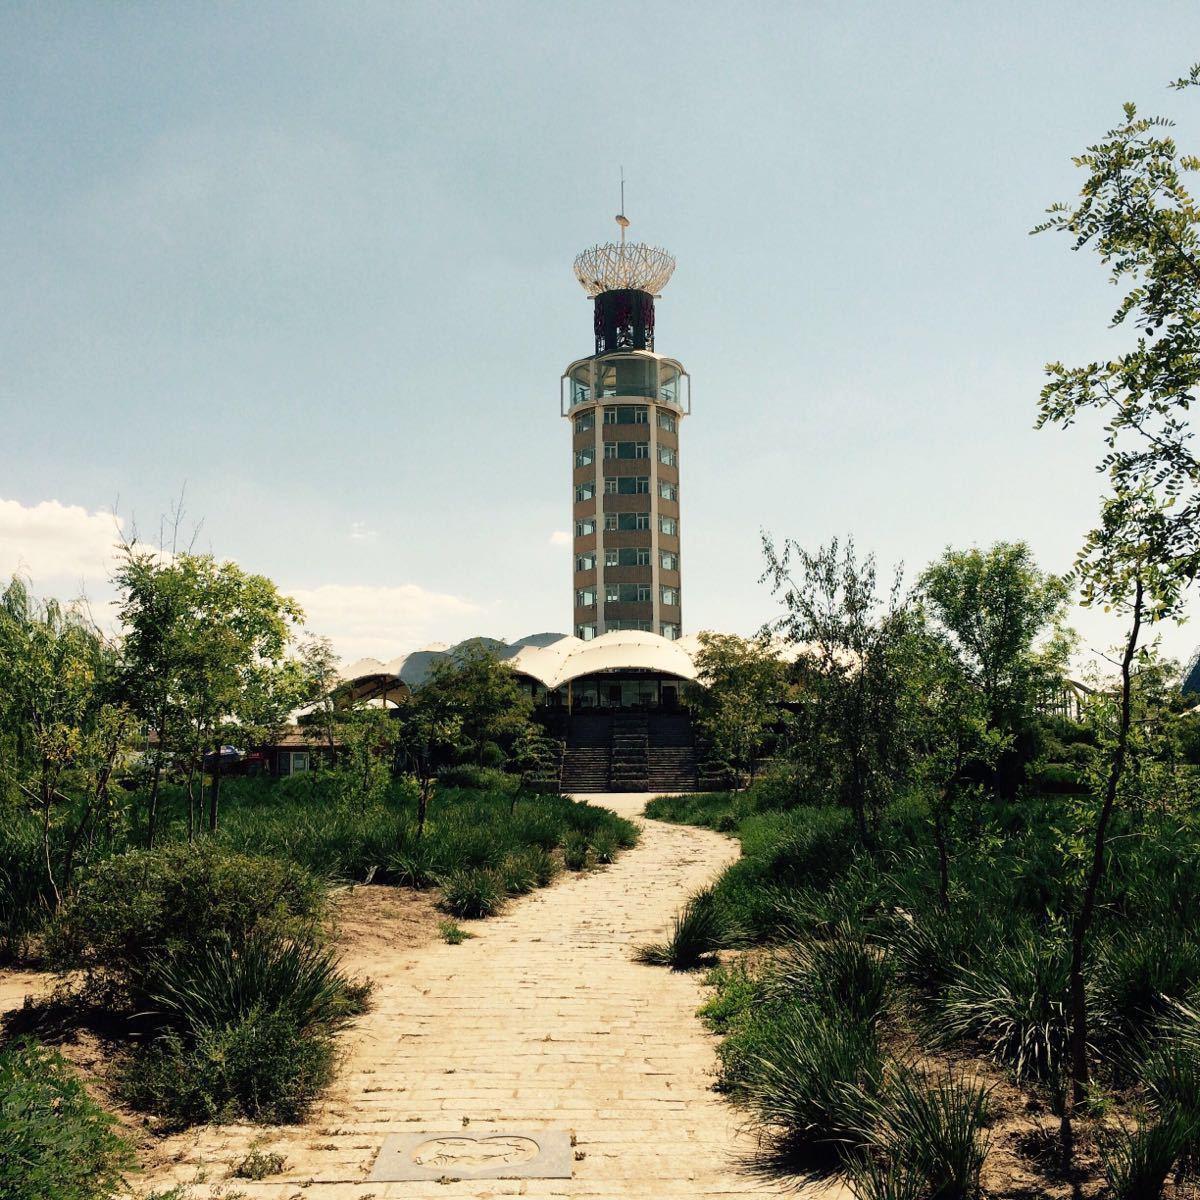 翠湖鸣银川湿地公园国家贺州别墅区图片